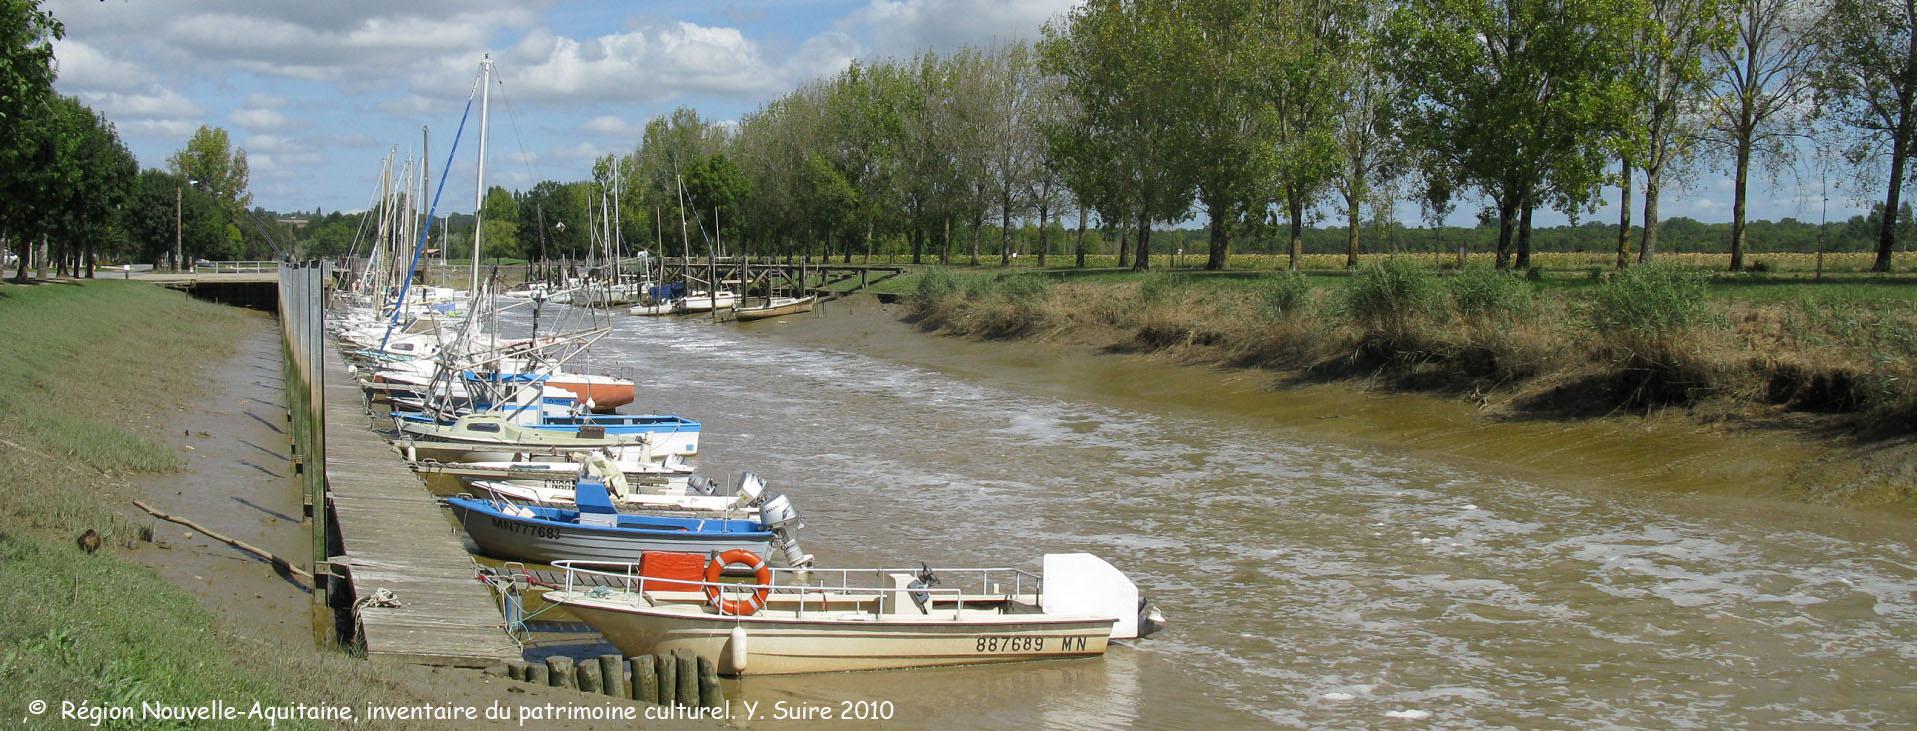 Port Maubert à Saint Fort sur Gironde